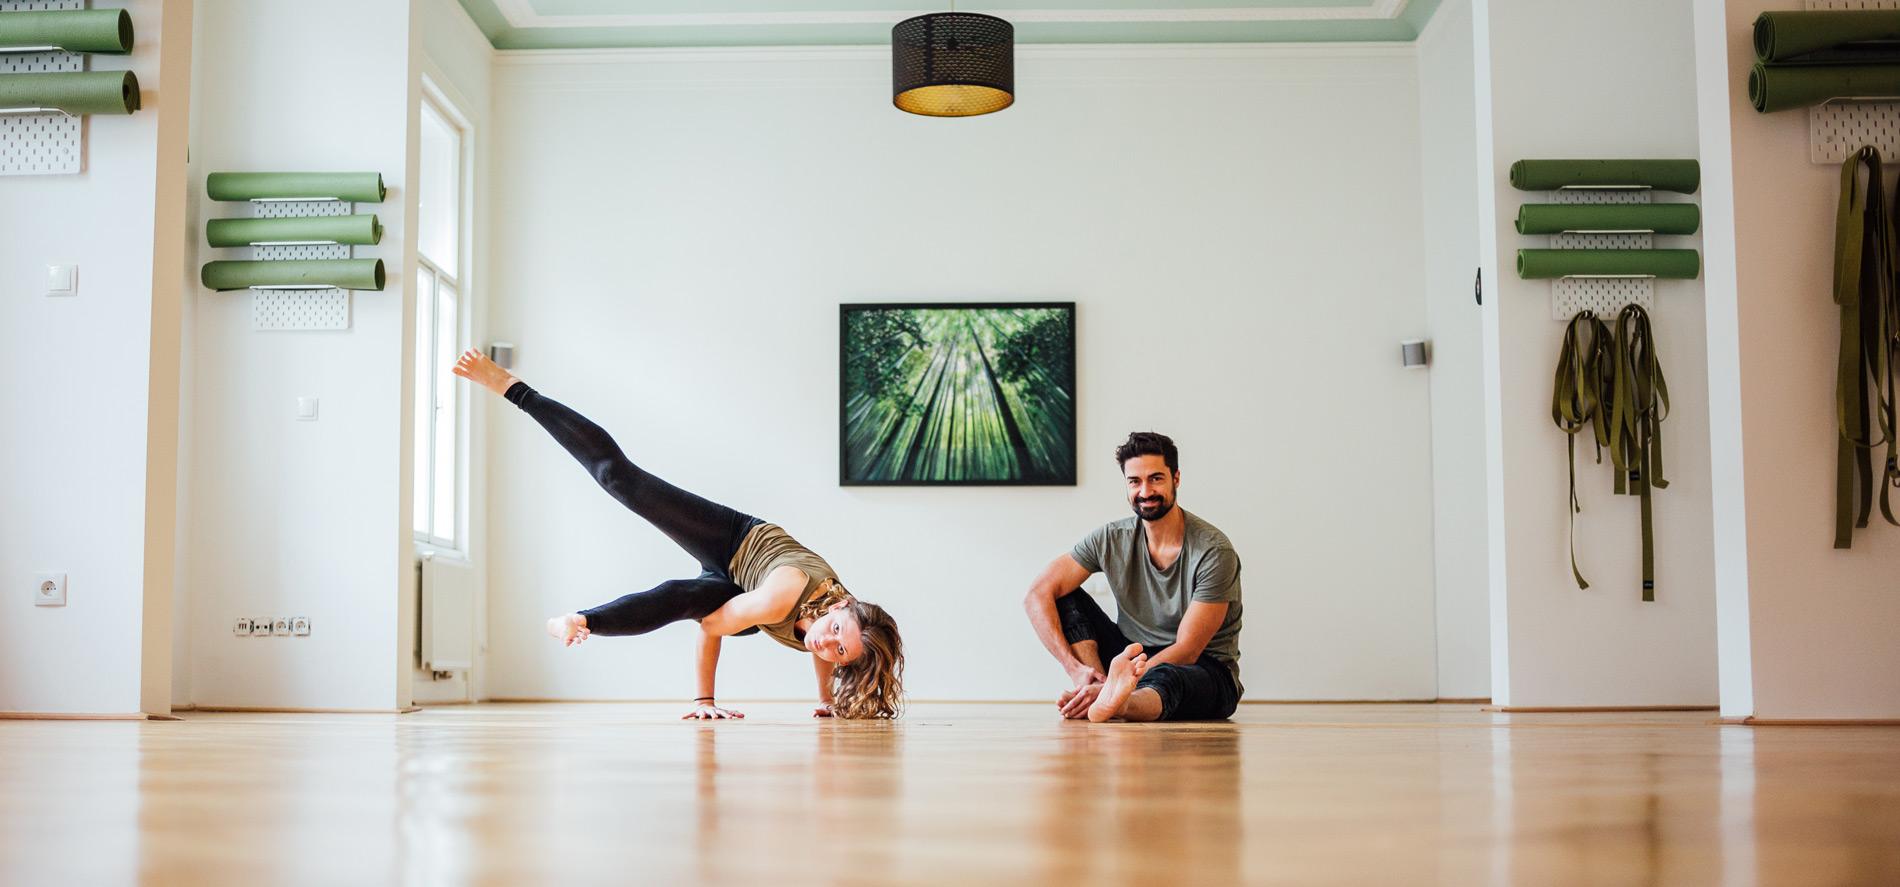 Willkommen bei Coming Hooomm - Deinem Studio für Yoga, Pilates, Nuad und mehr in 1020 Wien!